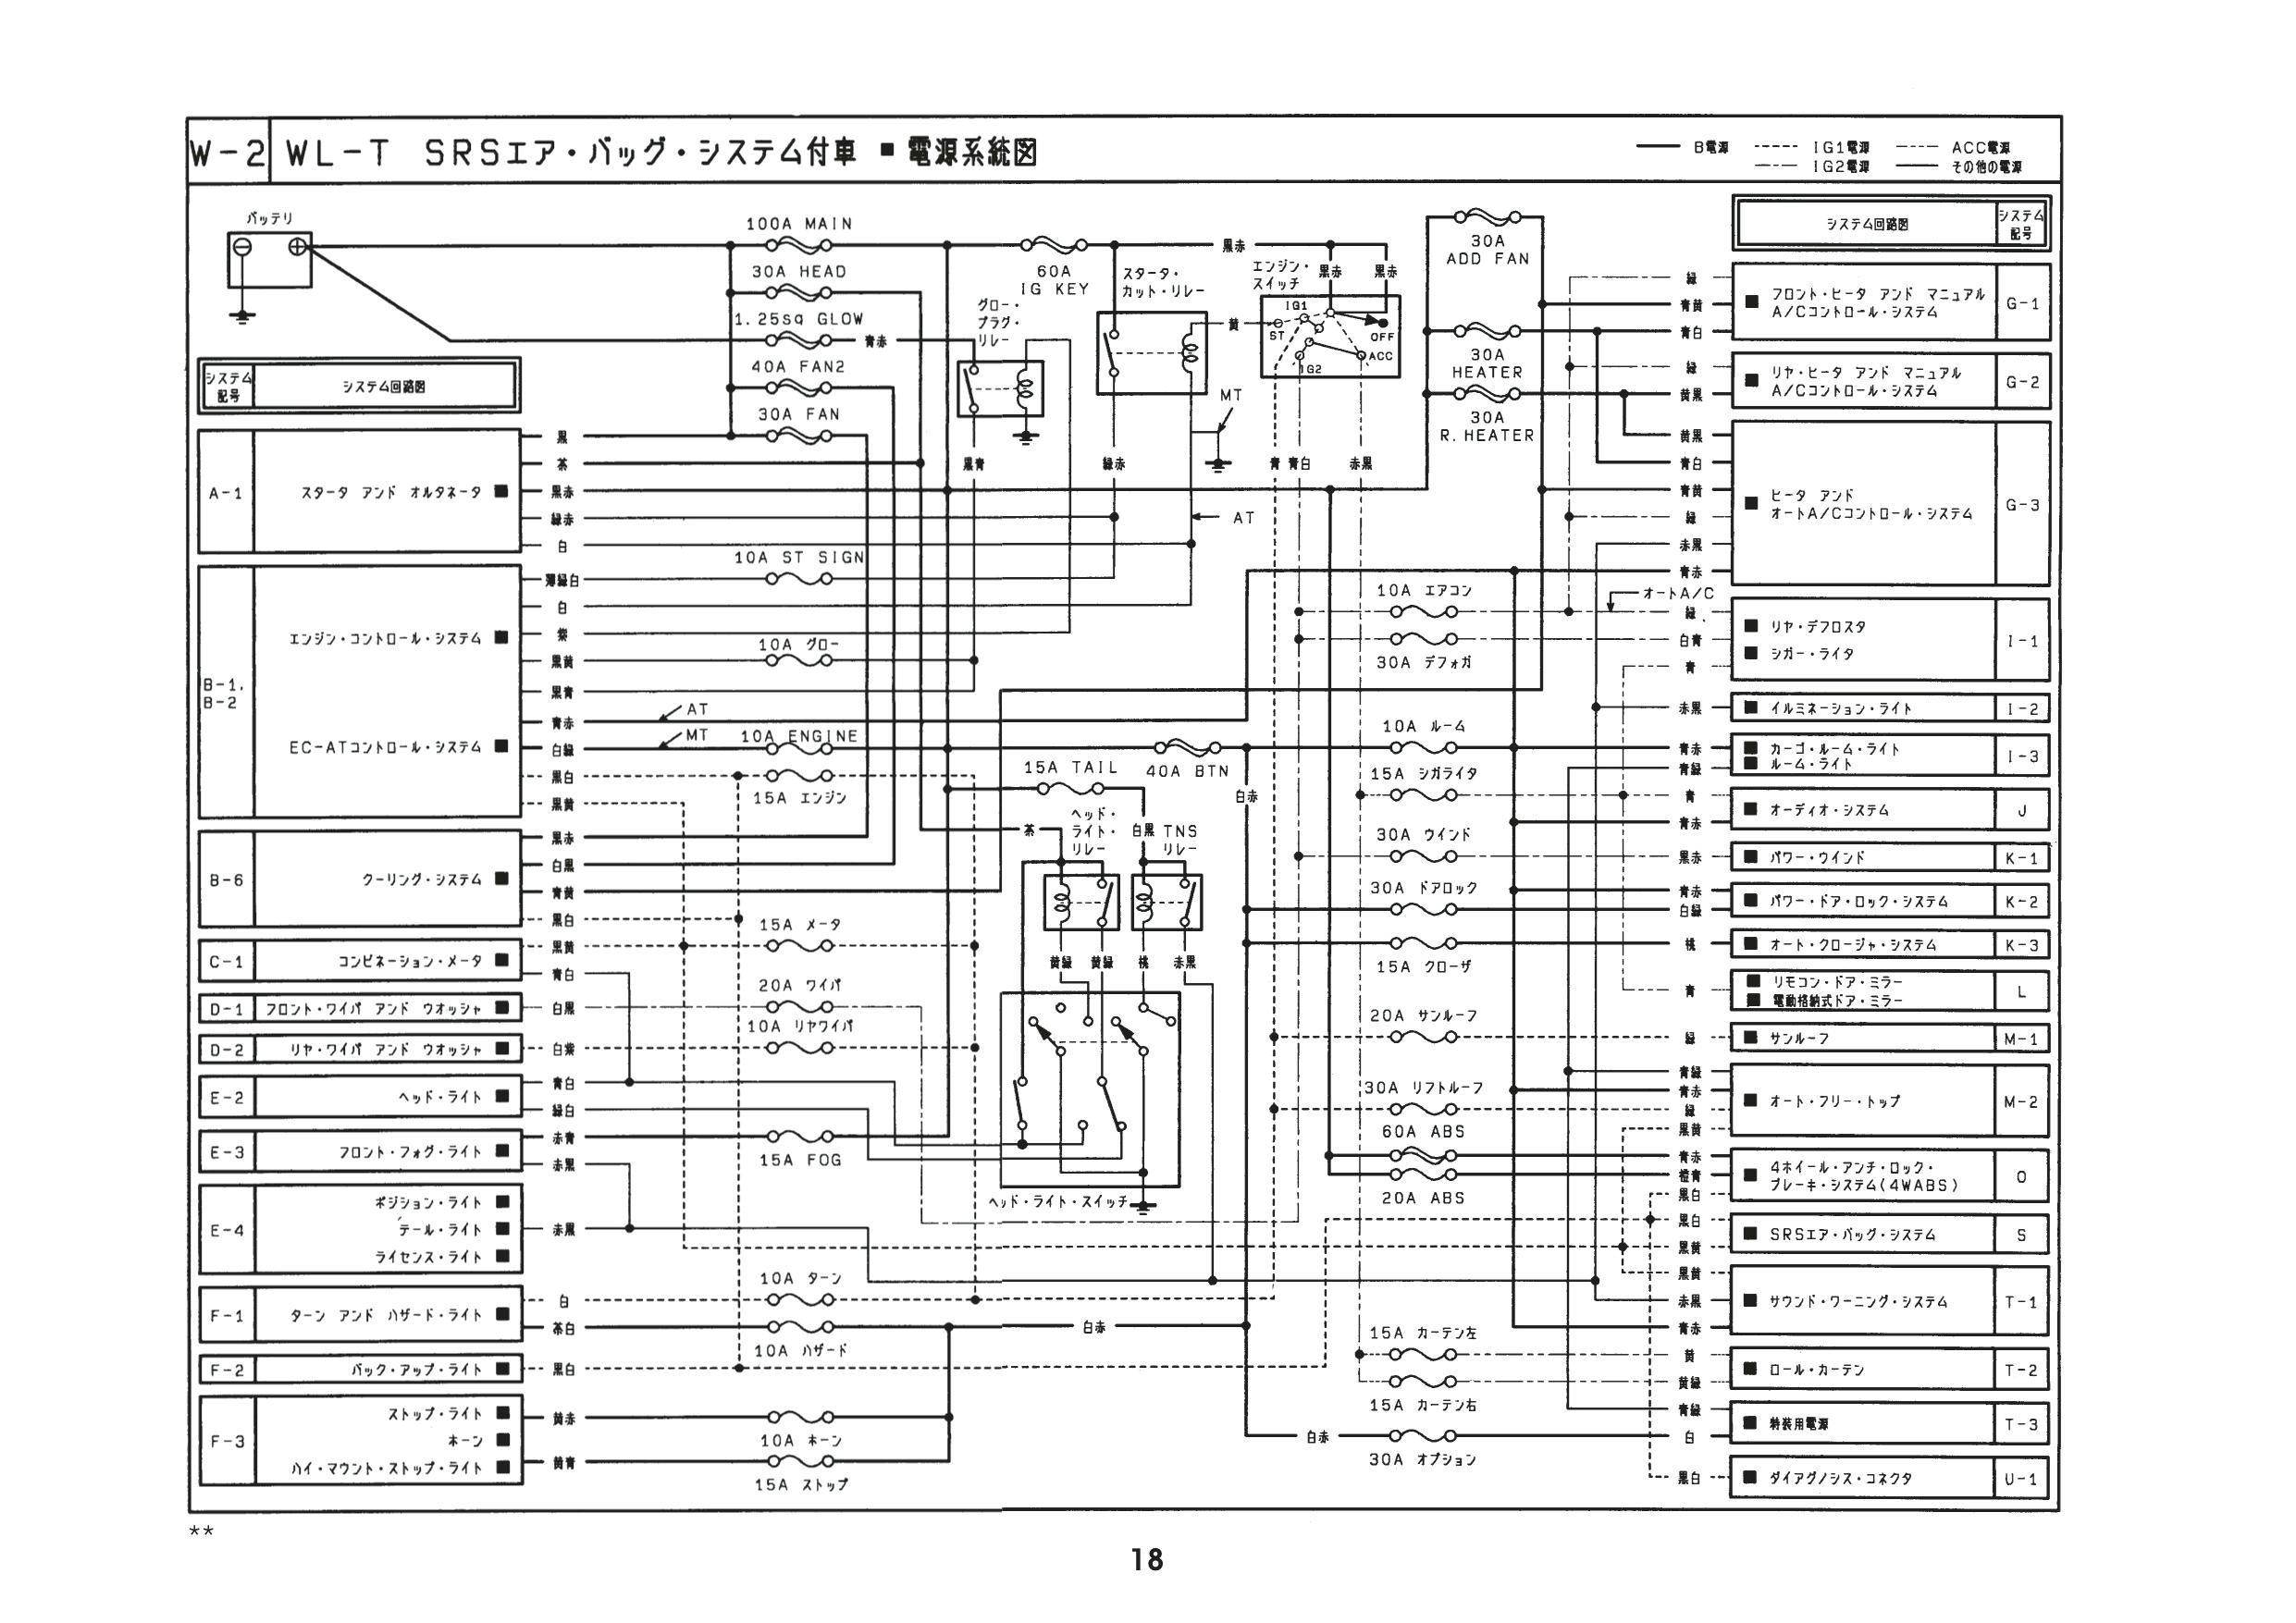 Mazda Bounty Wiring Diagram | Better Wiring Diagram Online on mazda miata radio wiring, mazda manual transmission, mazda brakes, mazda alternator wiring, mazda 3 relay diagram, mazda exhaust, mazda battery, mazda accessories, mazda engine, mazda fuses, mazda b2200 gauge cluster diagram, mazda wiring color codes, mazda parts, mazda cooling system,